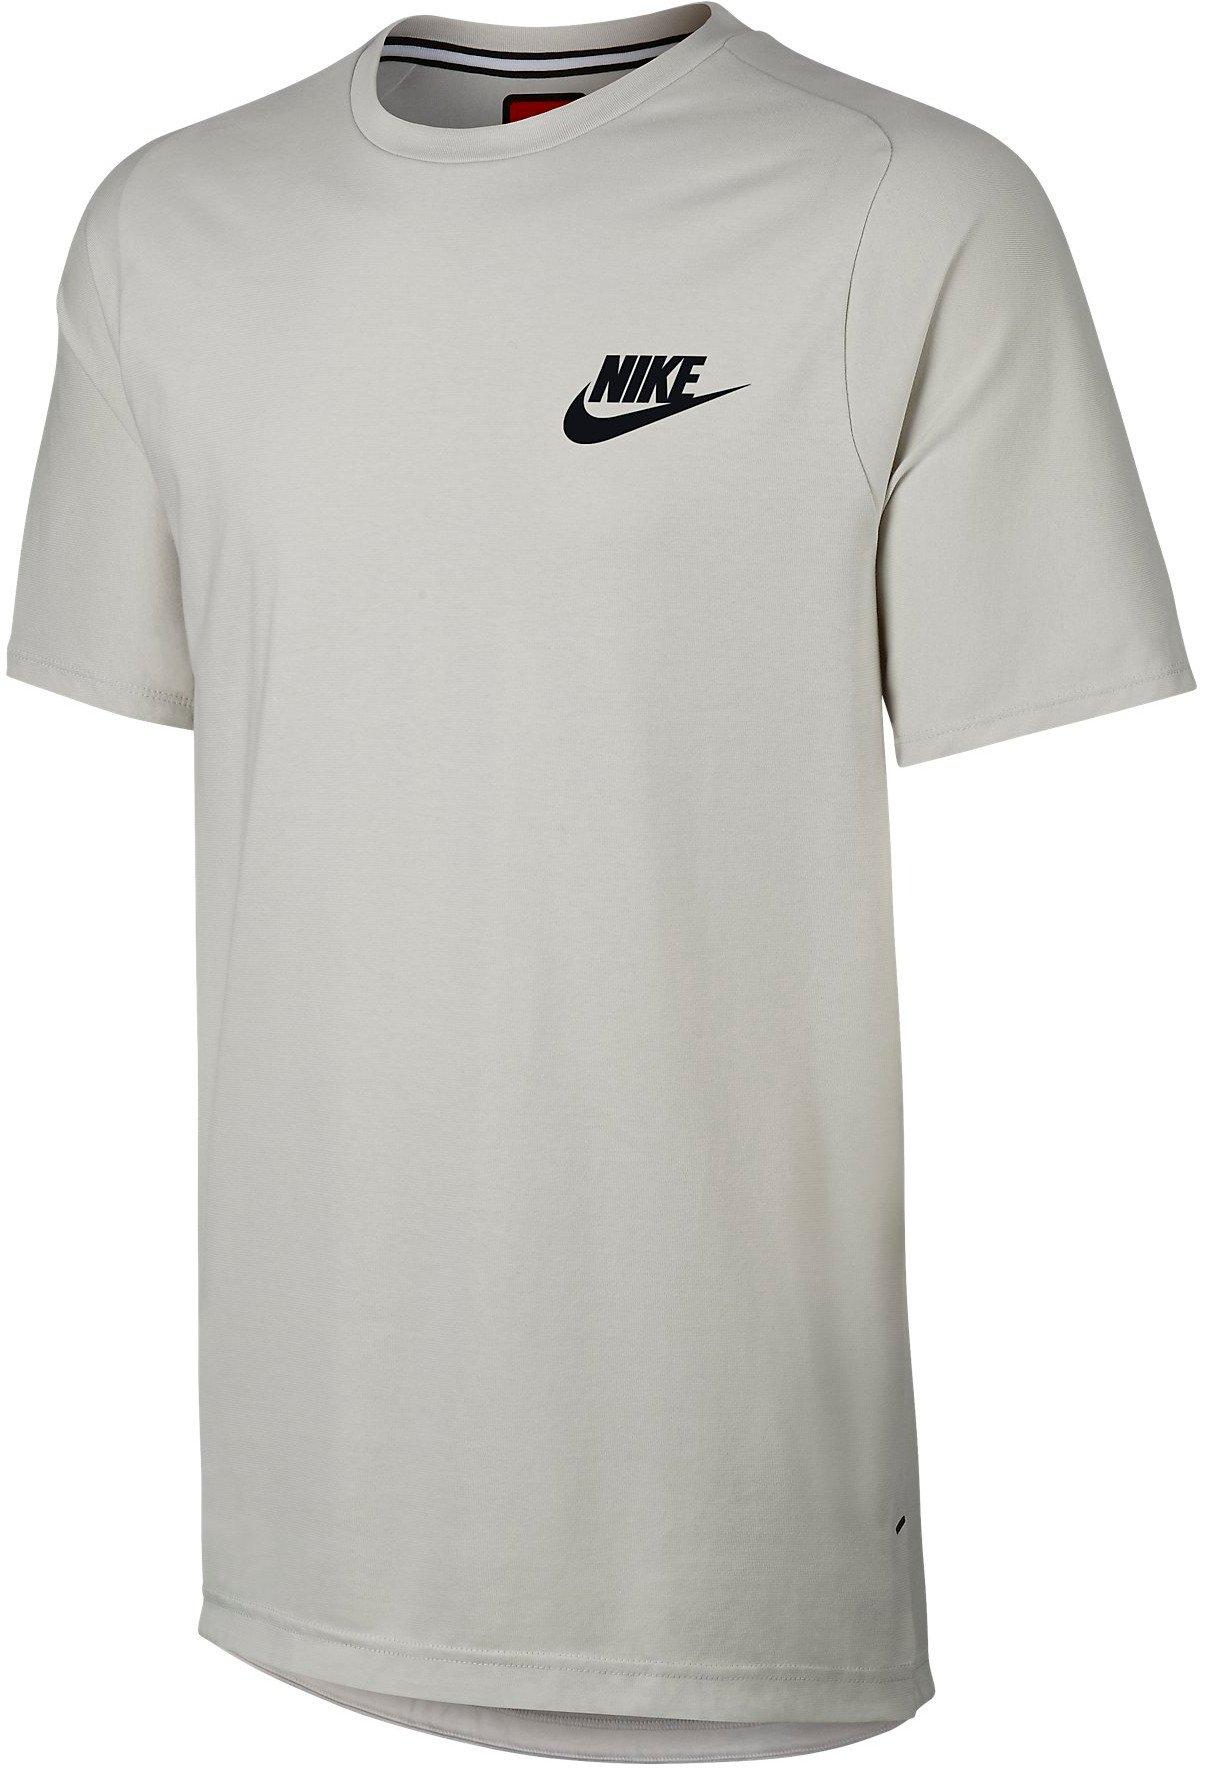 Pánské tričko s krátkým rukávem Nike Sportswear Bonded